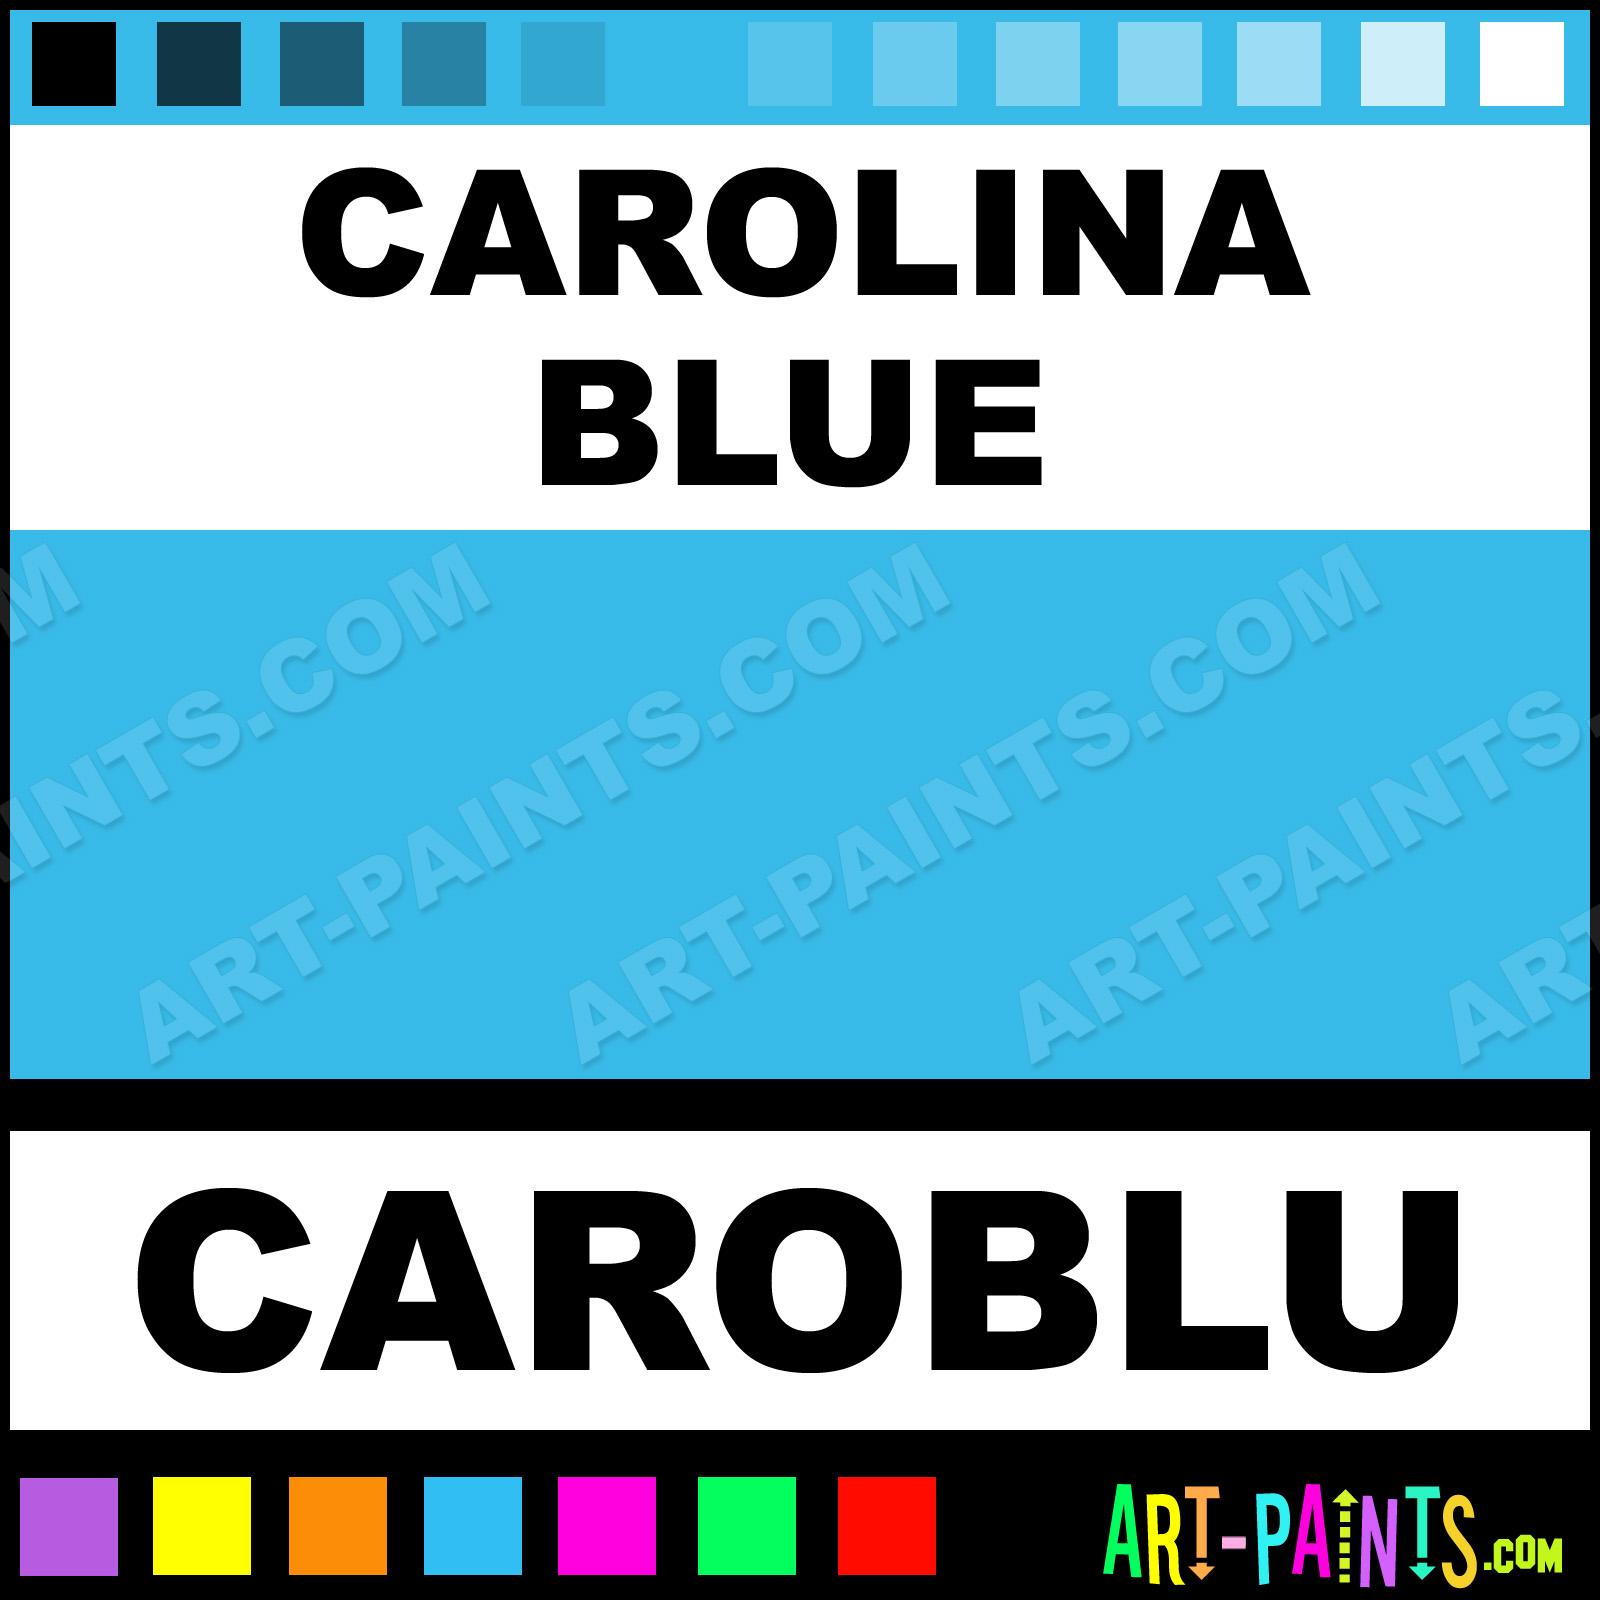 Carolina panthers online store coupons